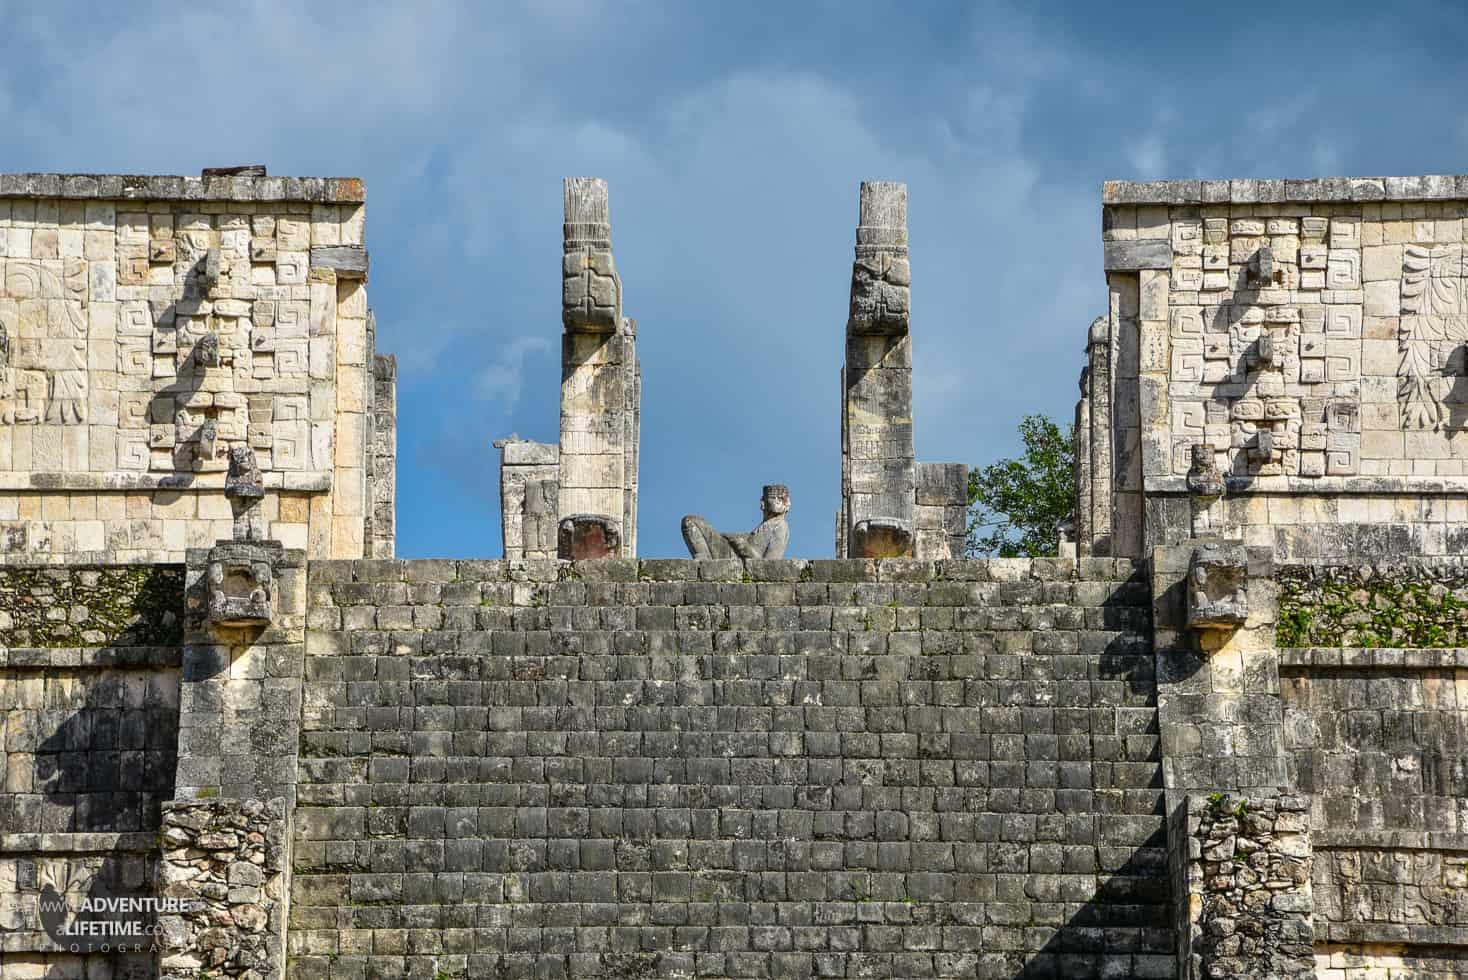 Mexico - Chichen Itza stairway